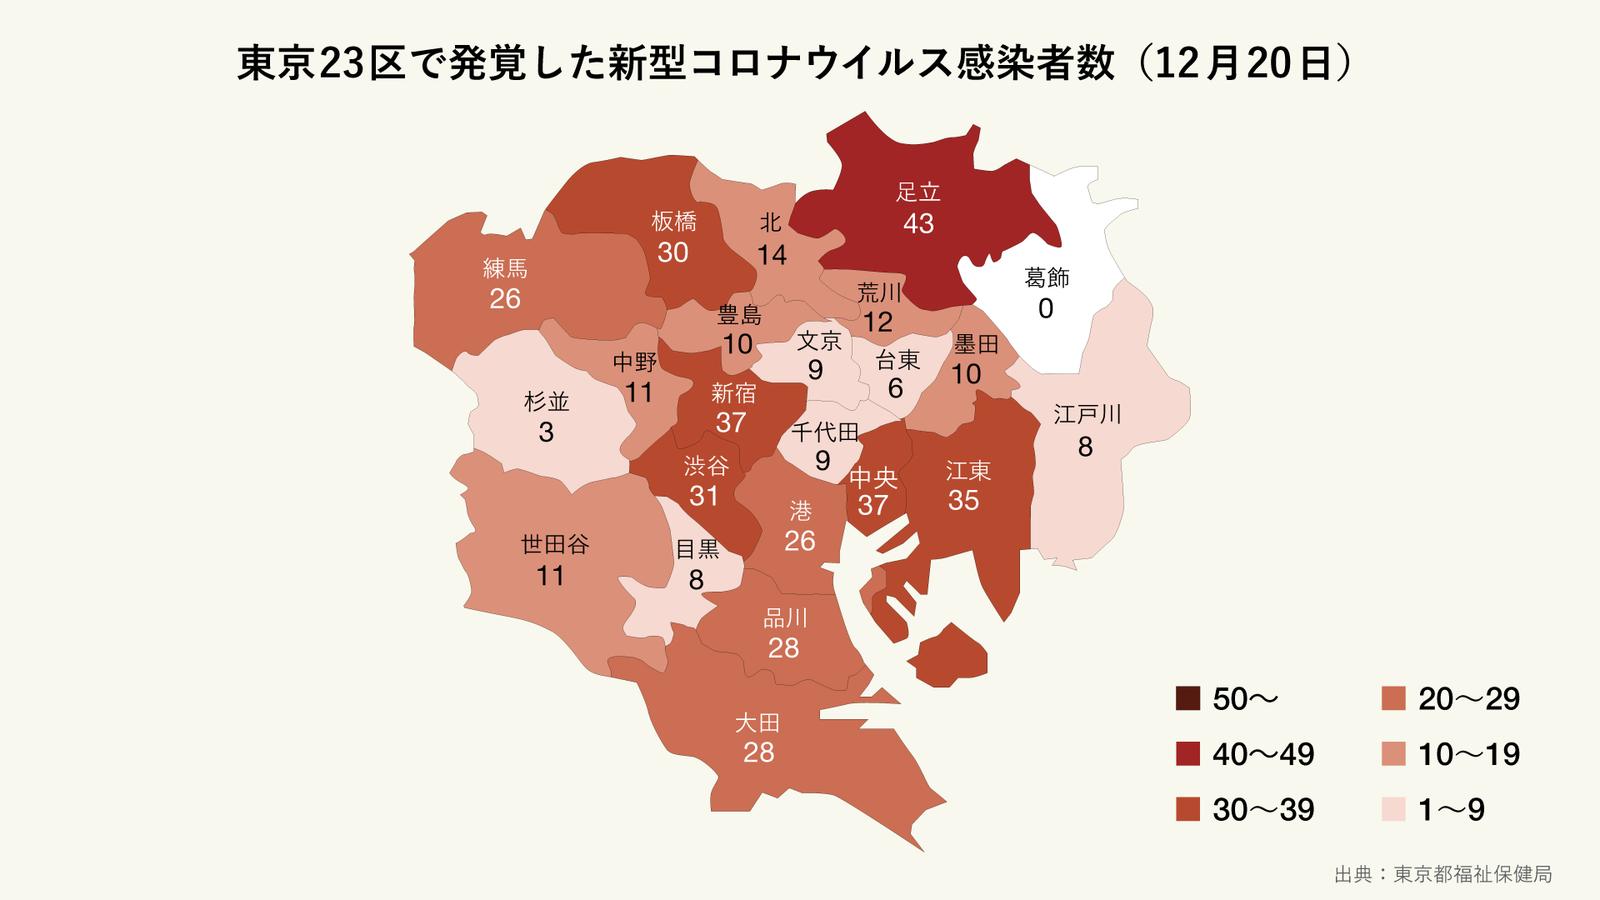 12月20日に発覚した東京23区の区ごとの新型コロナウイルス感染者数(マップ)